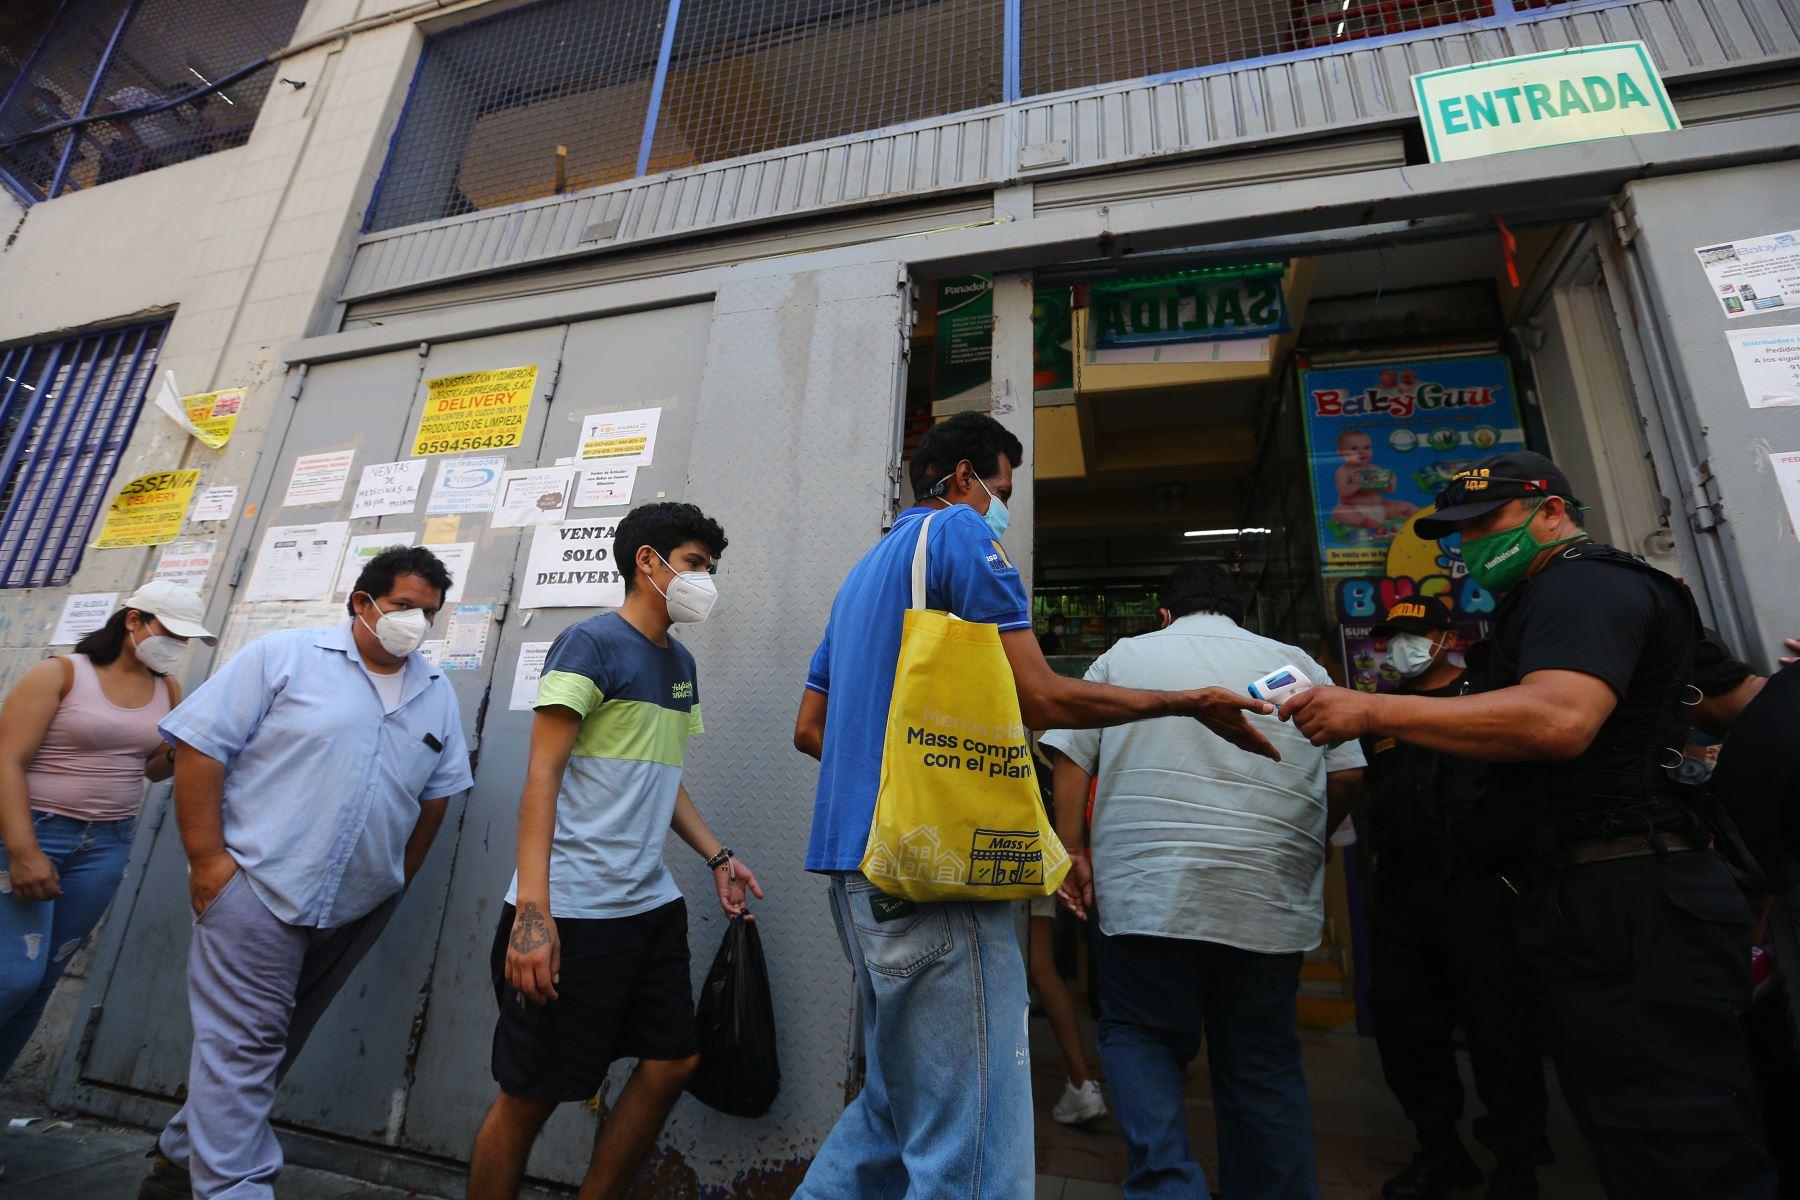 Encargados de la Seguridad controlan la temperatura de los clientes antes de ingresar a las galerias. Foto: ANDINA/Jhonel Rodríguez Robles